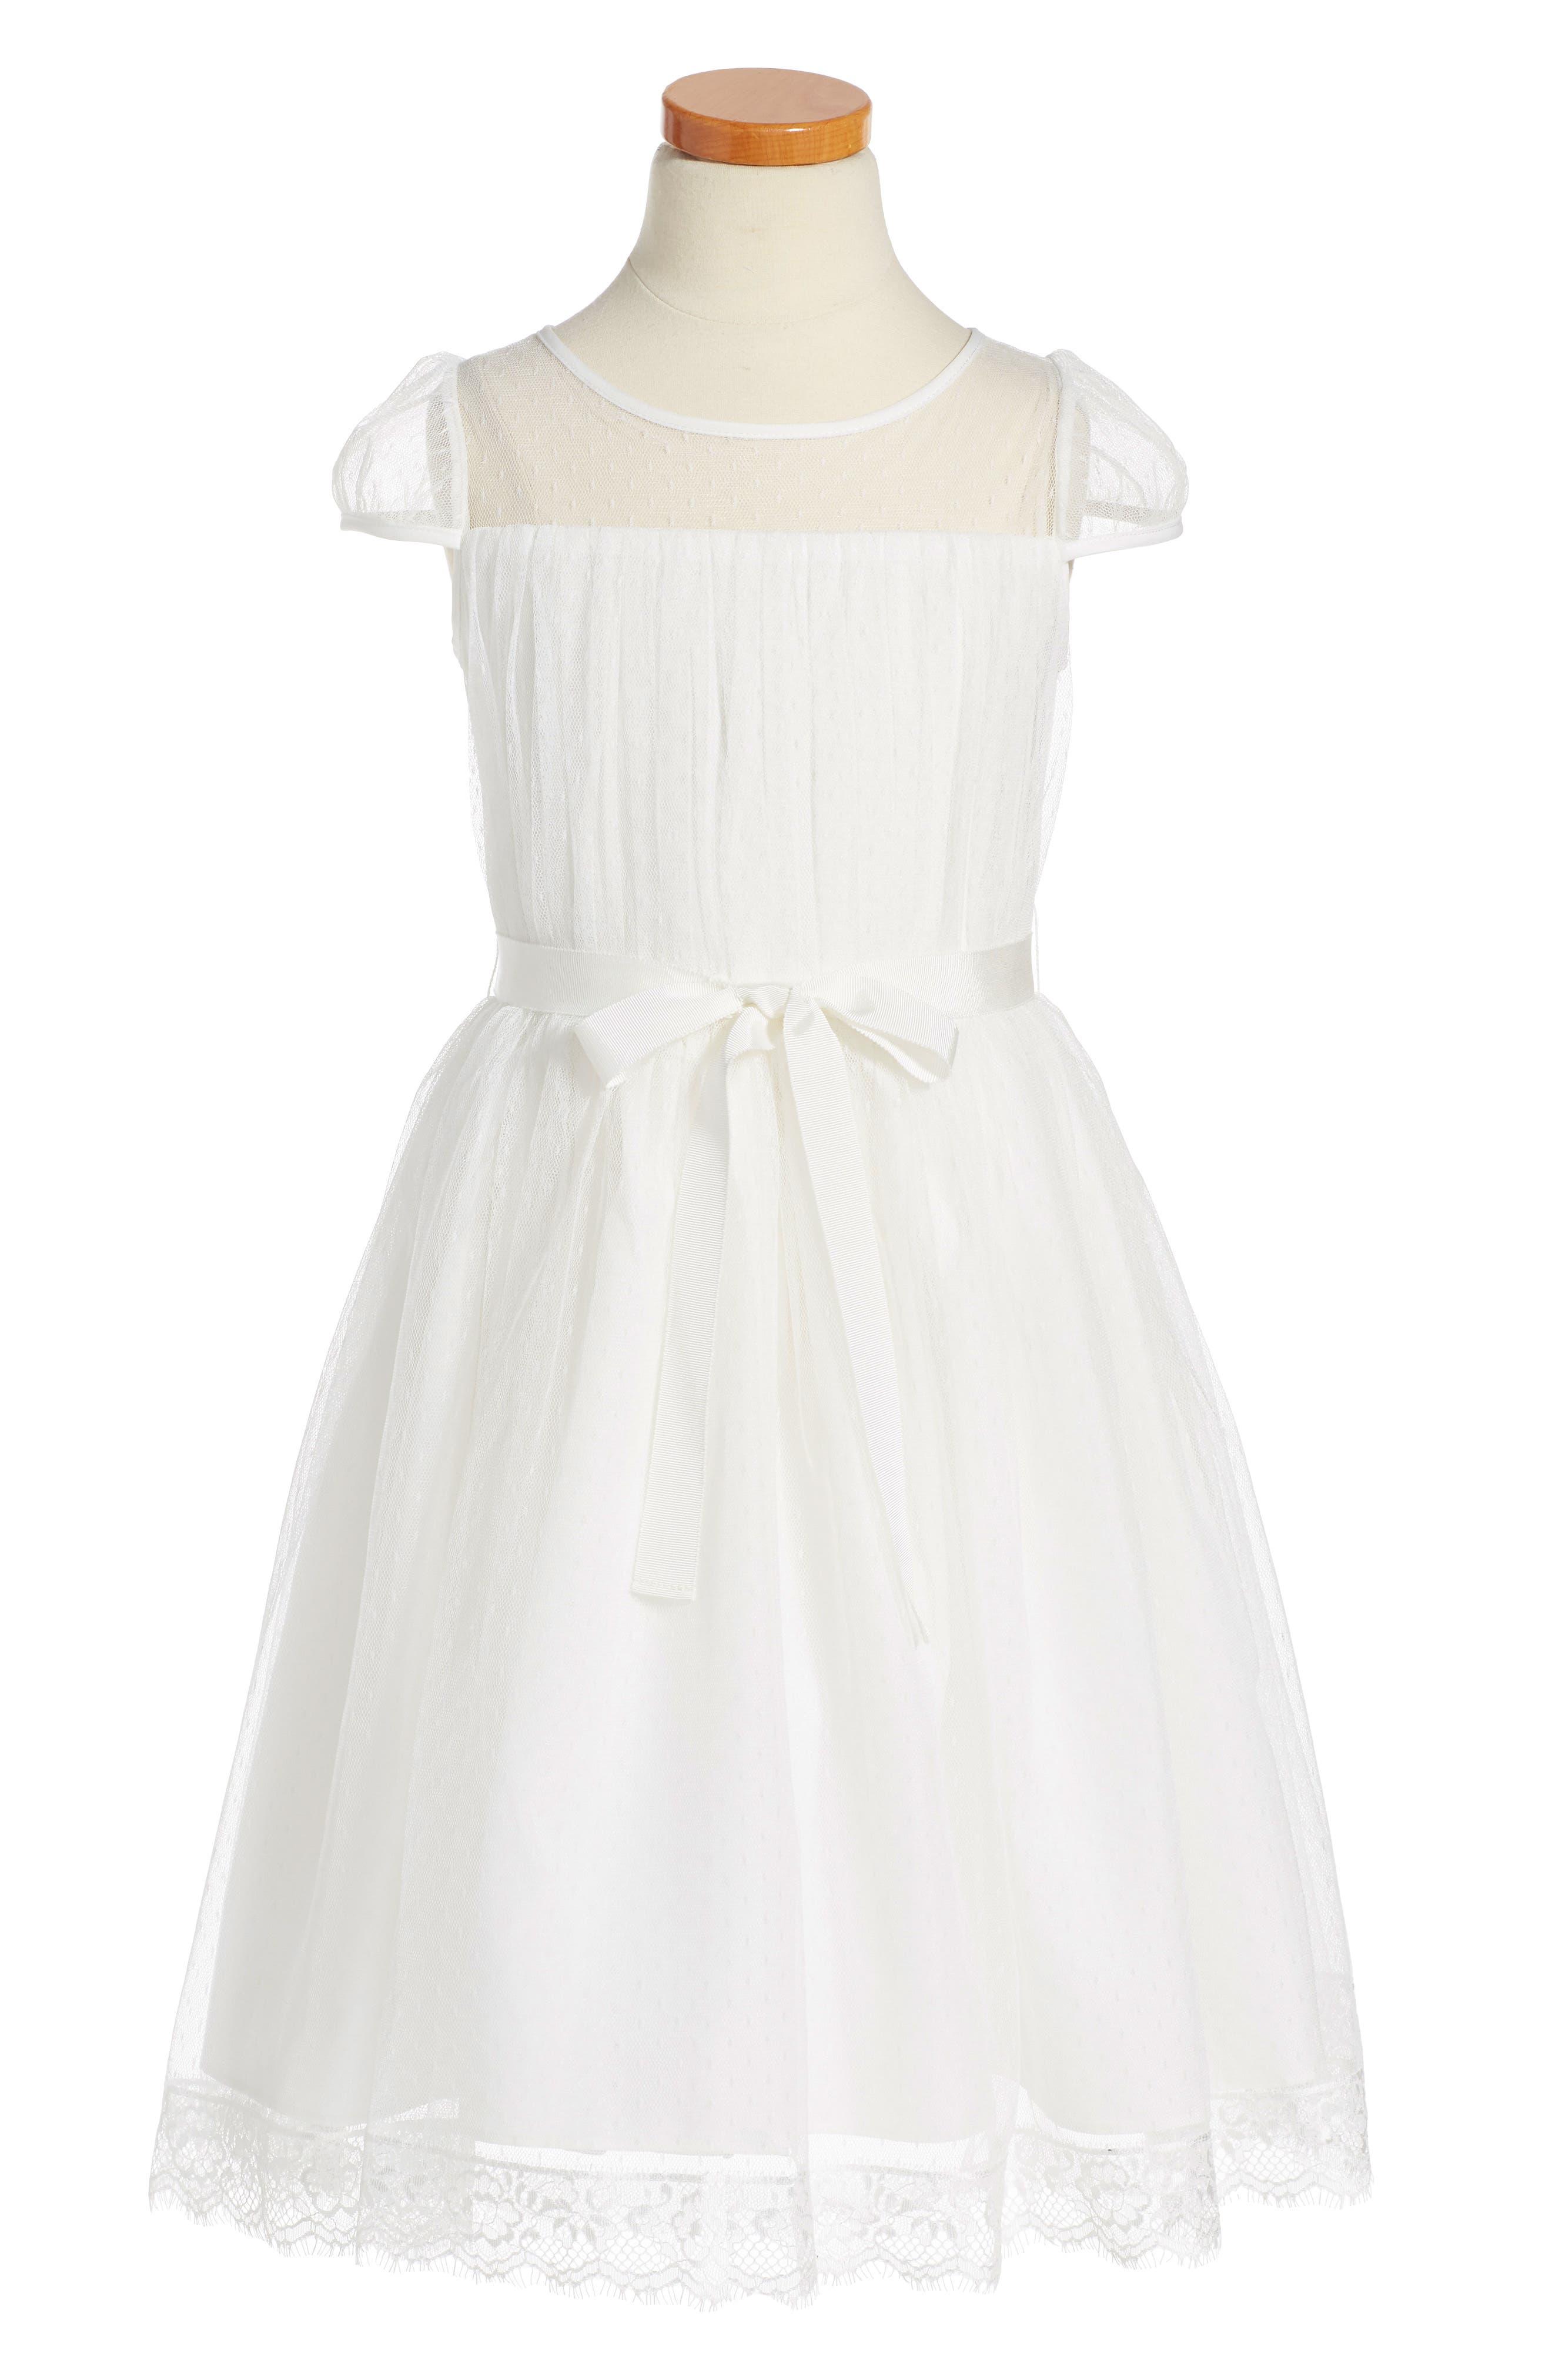 Main Image - Us Angels Point d'Esprit Dress (Toddler Girls, Little Girls & Big Girls)